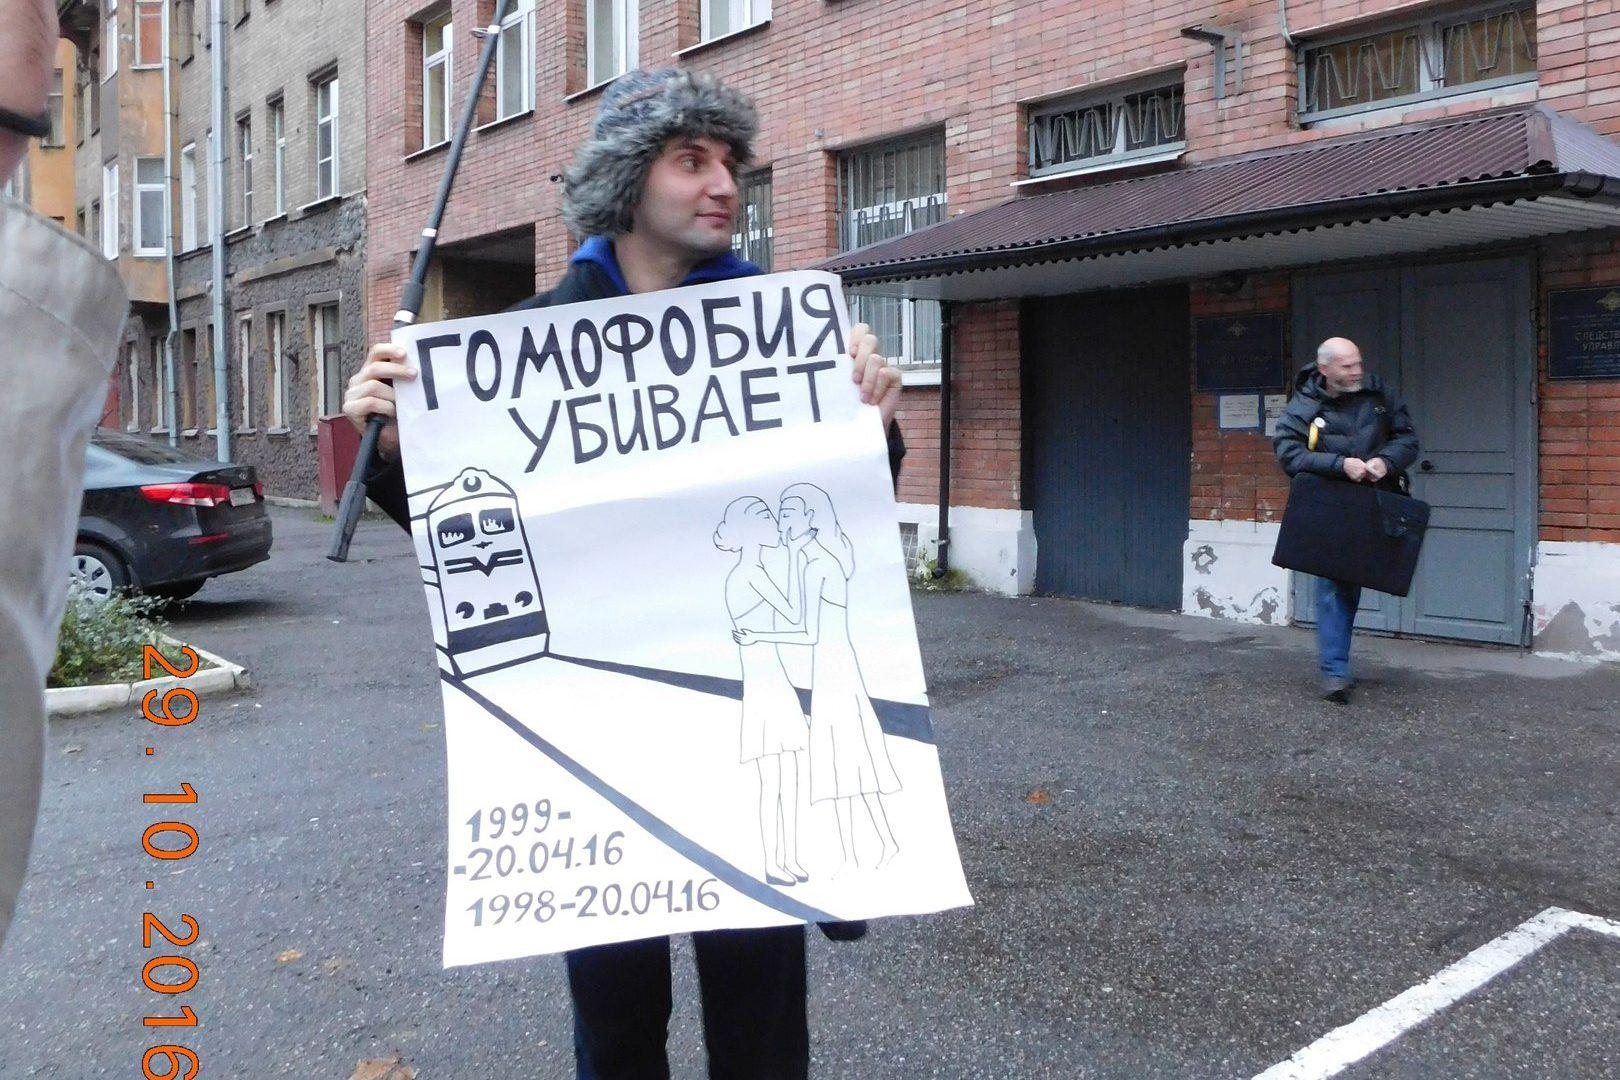 """фото из группы """"Помощь задержанным"""" """"ВКонтакте"""""""